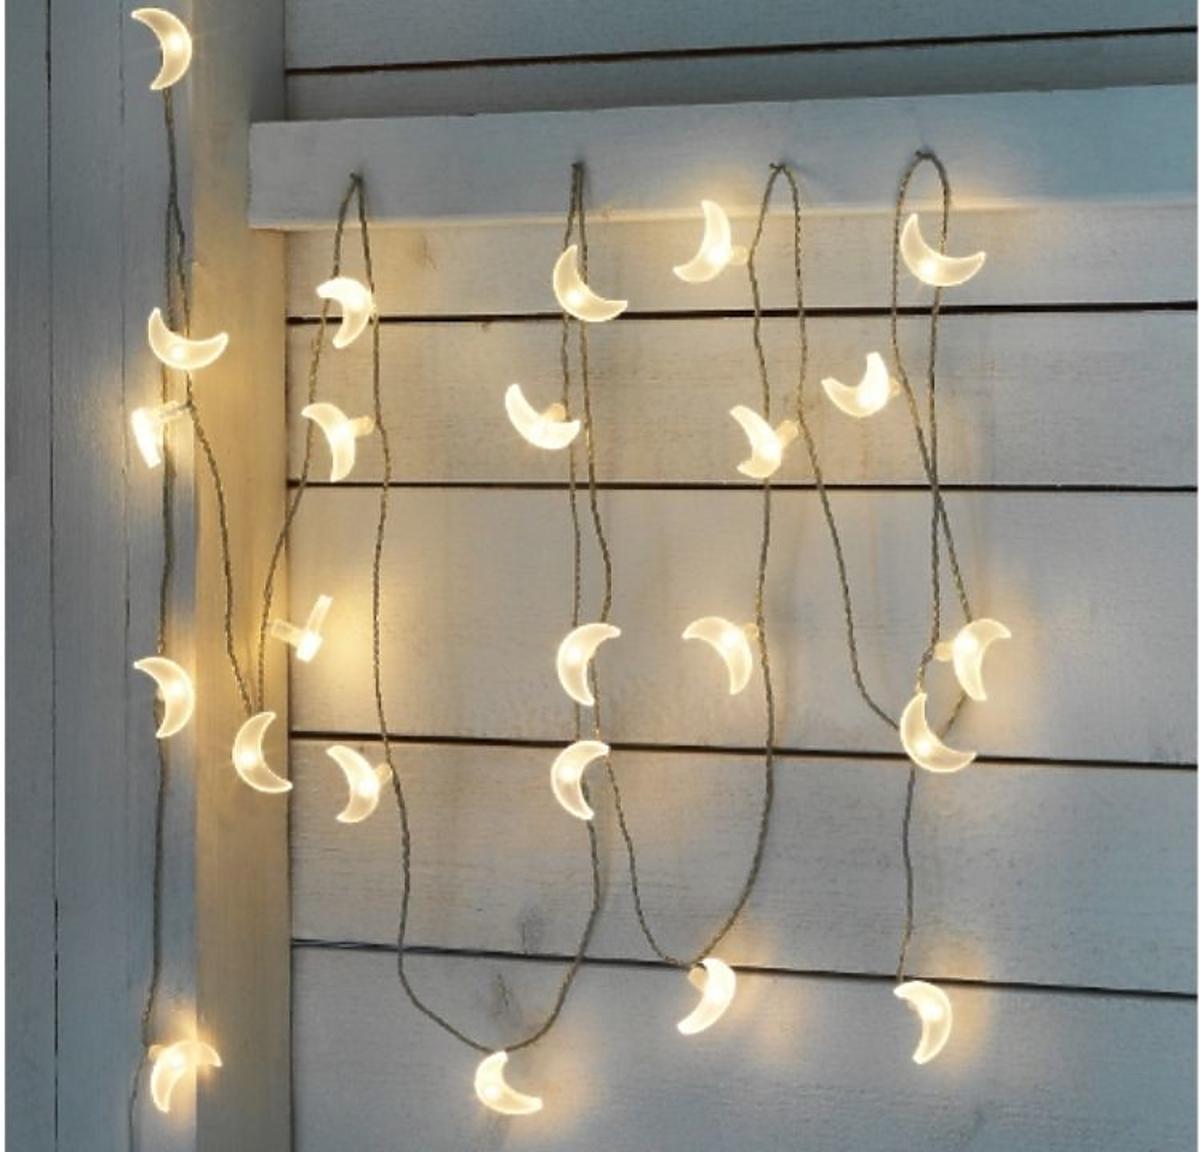 Garland LED Ljuvare, Ikea, 79,99 zł